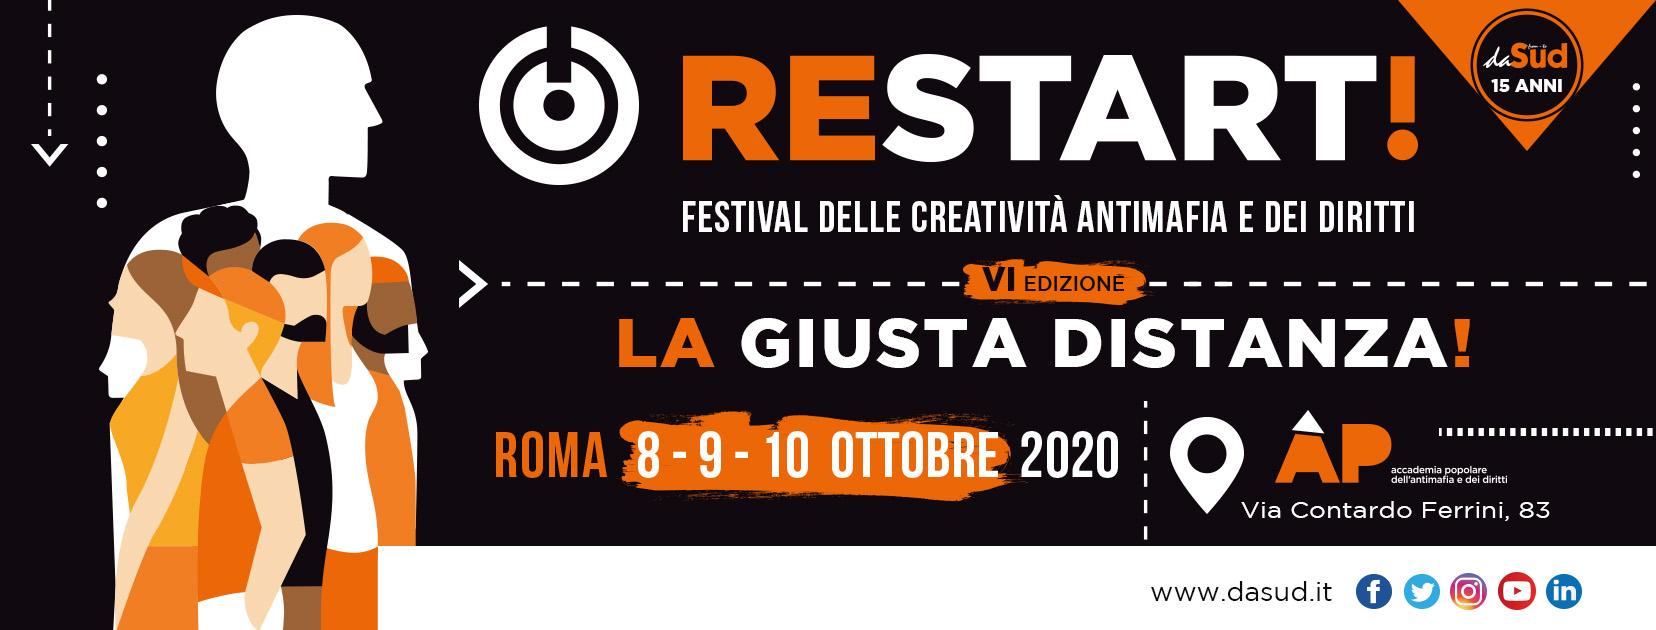 COVER-FB-Restart-2020